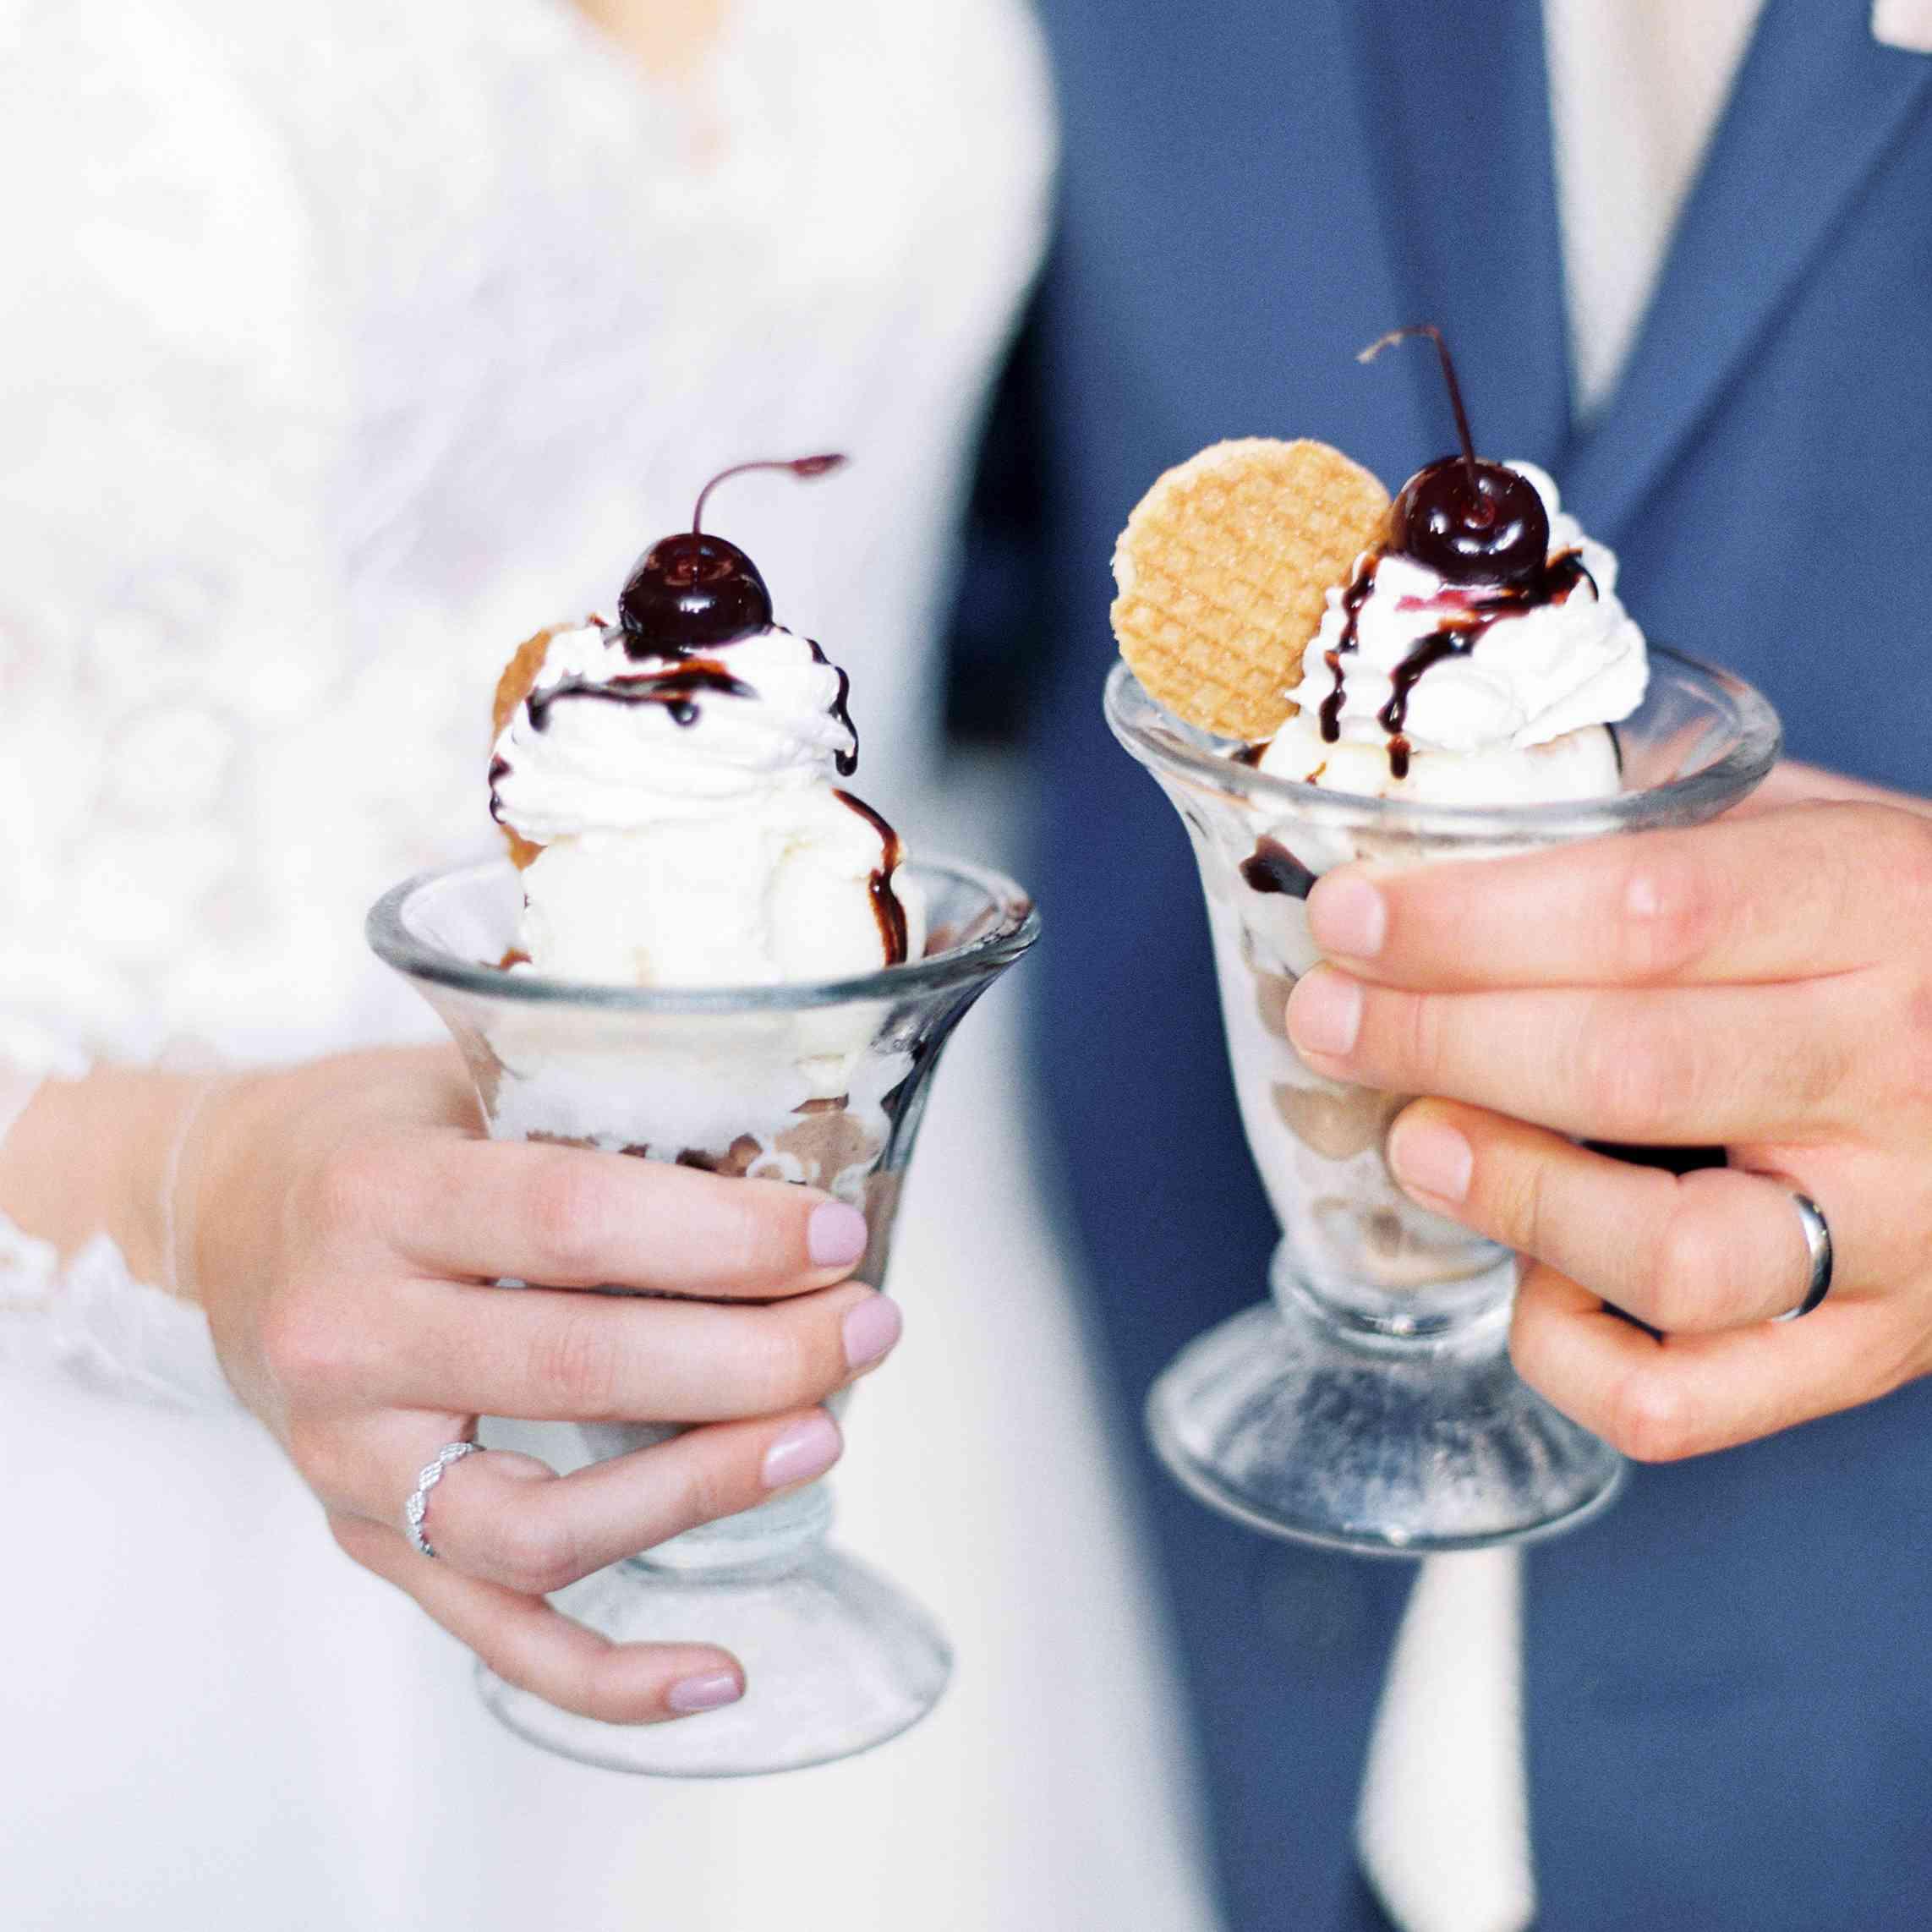 Couple holding ice cream sundaes